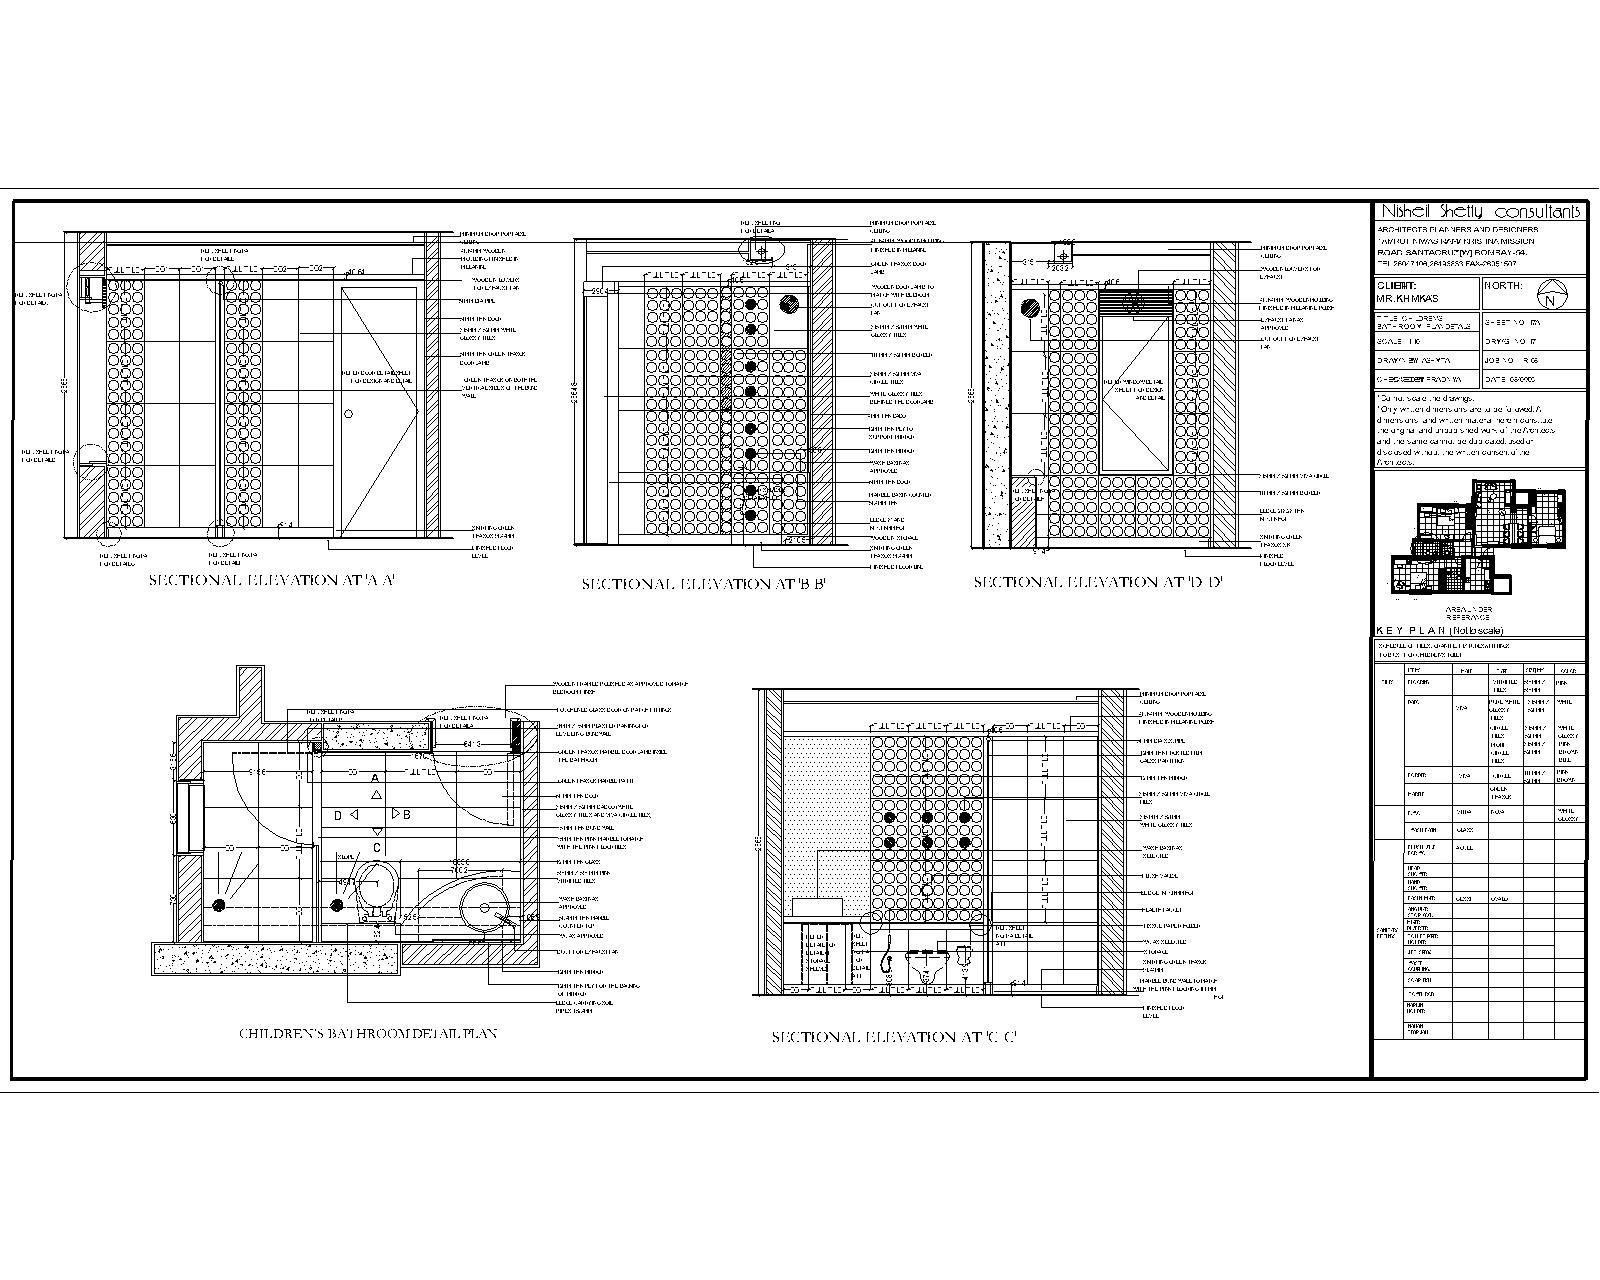 interior design detail drawings pdf